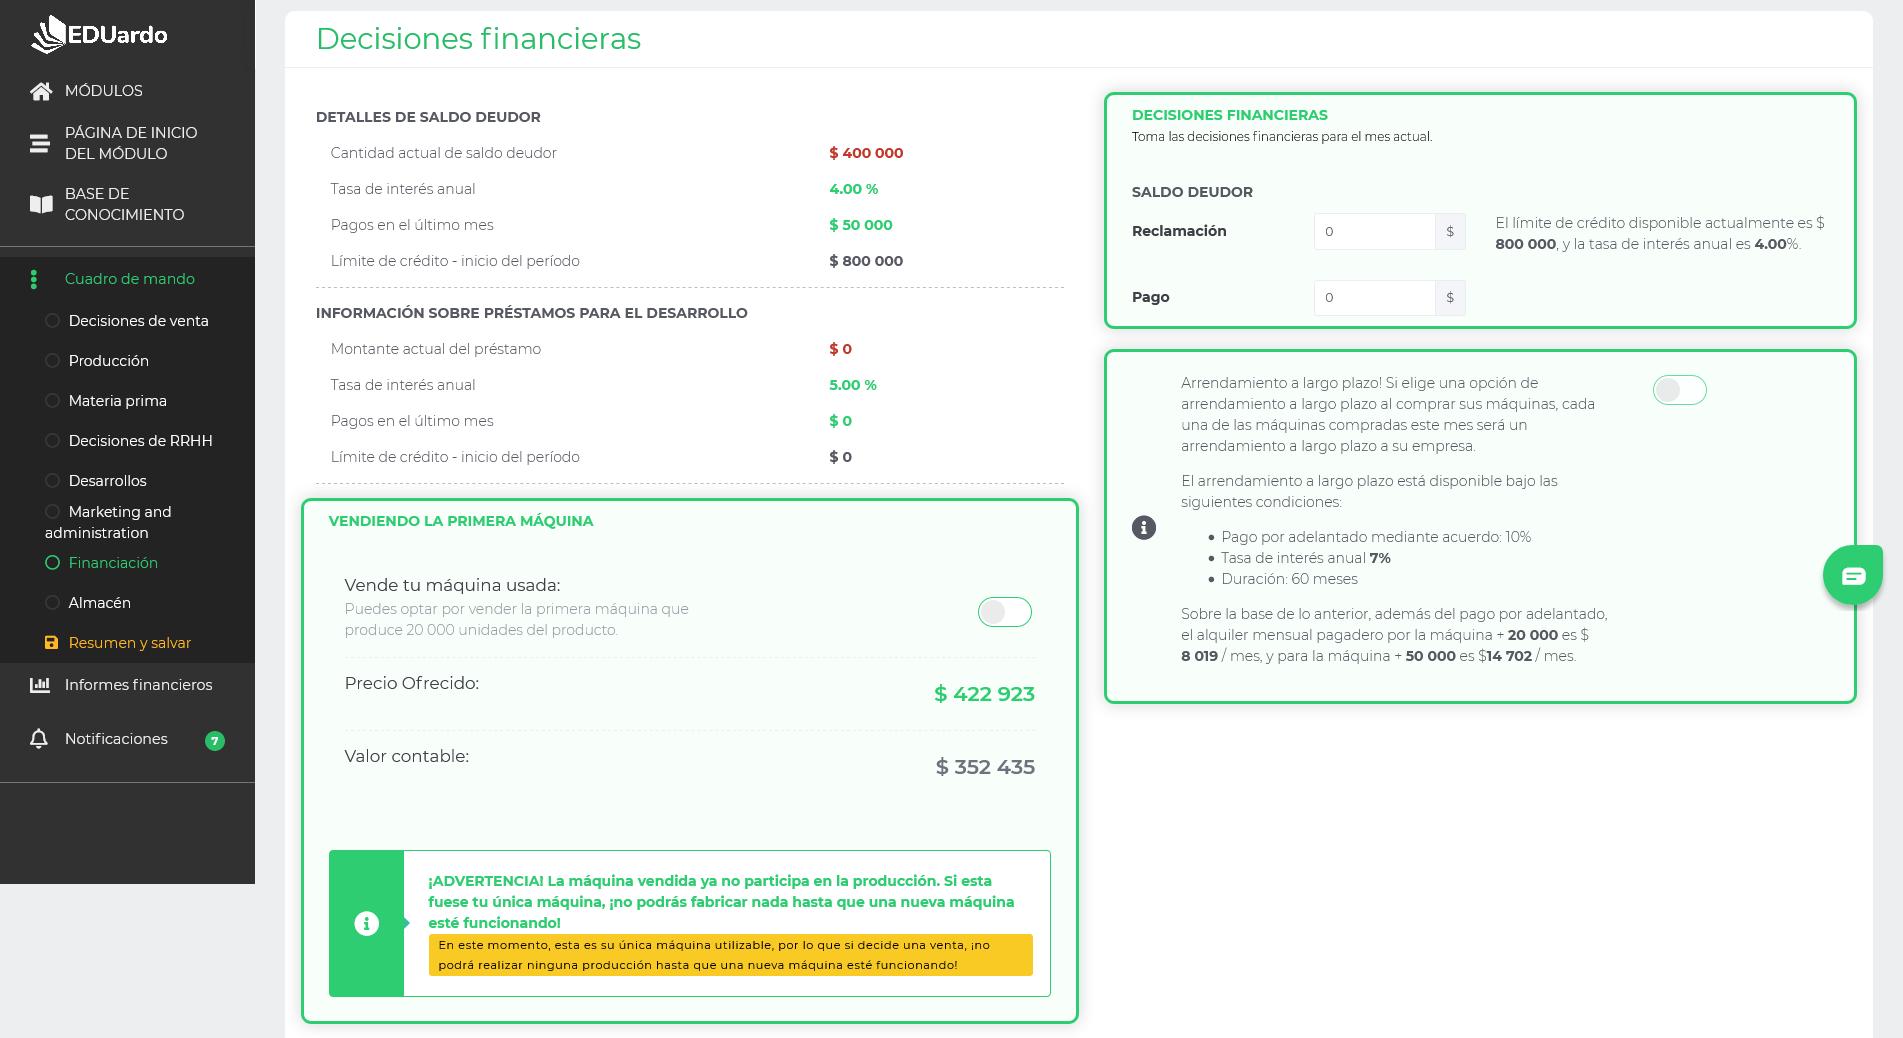 Simulacion de decisiones financieras EDUardo